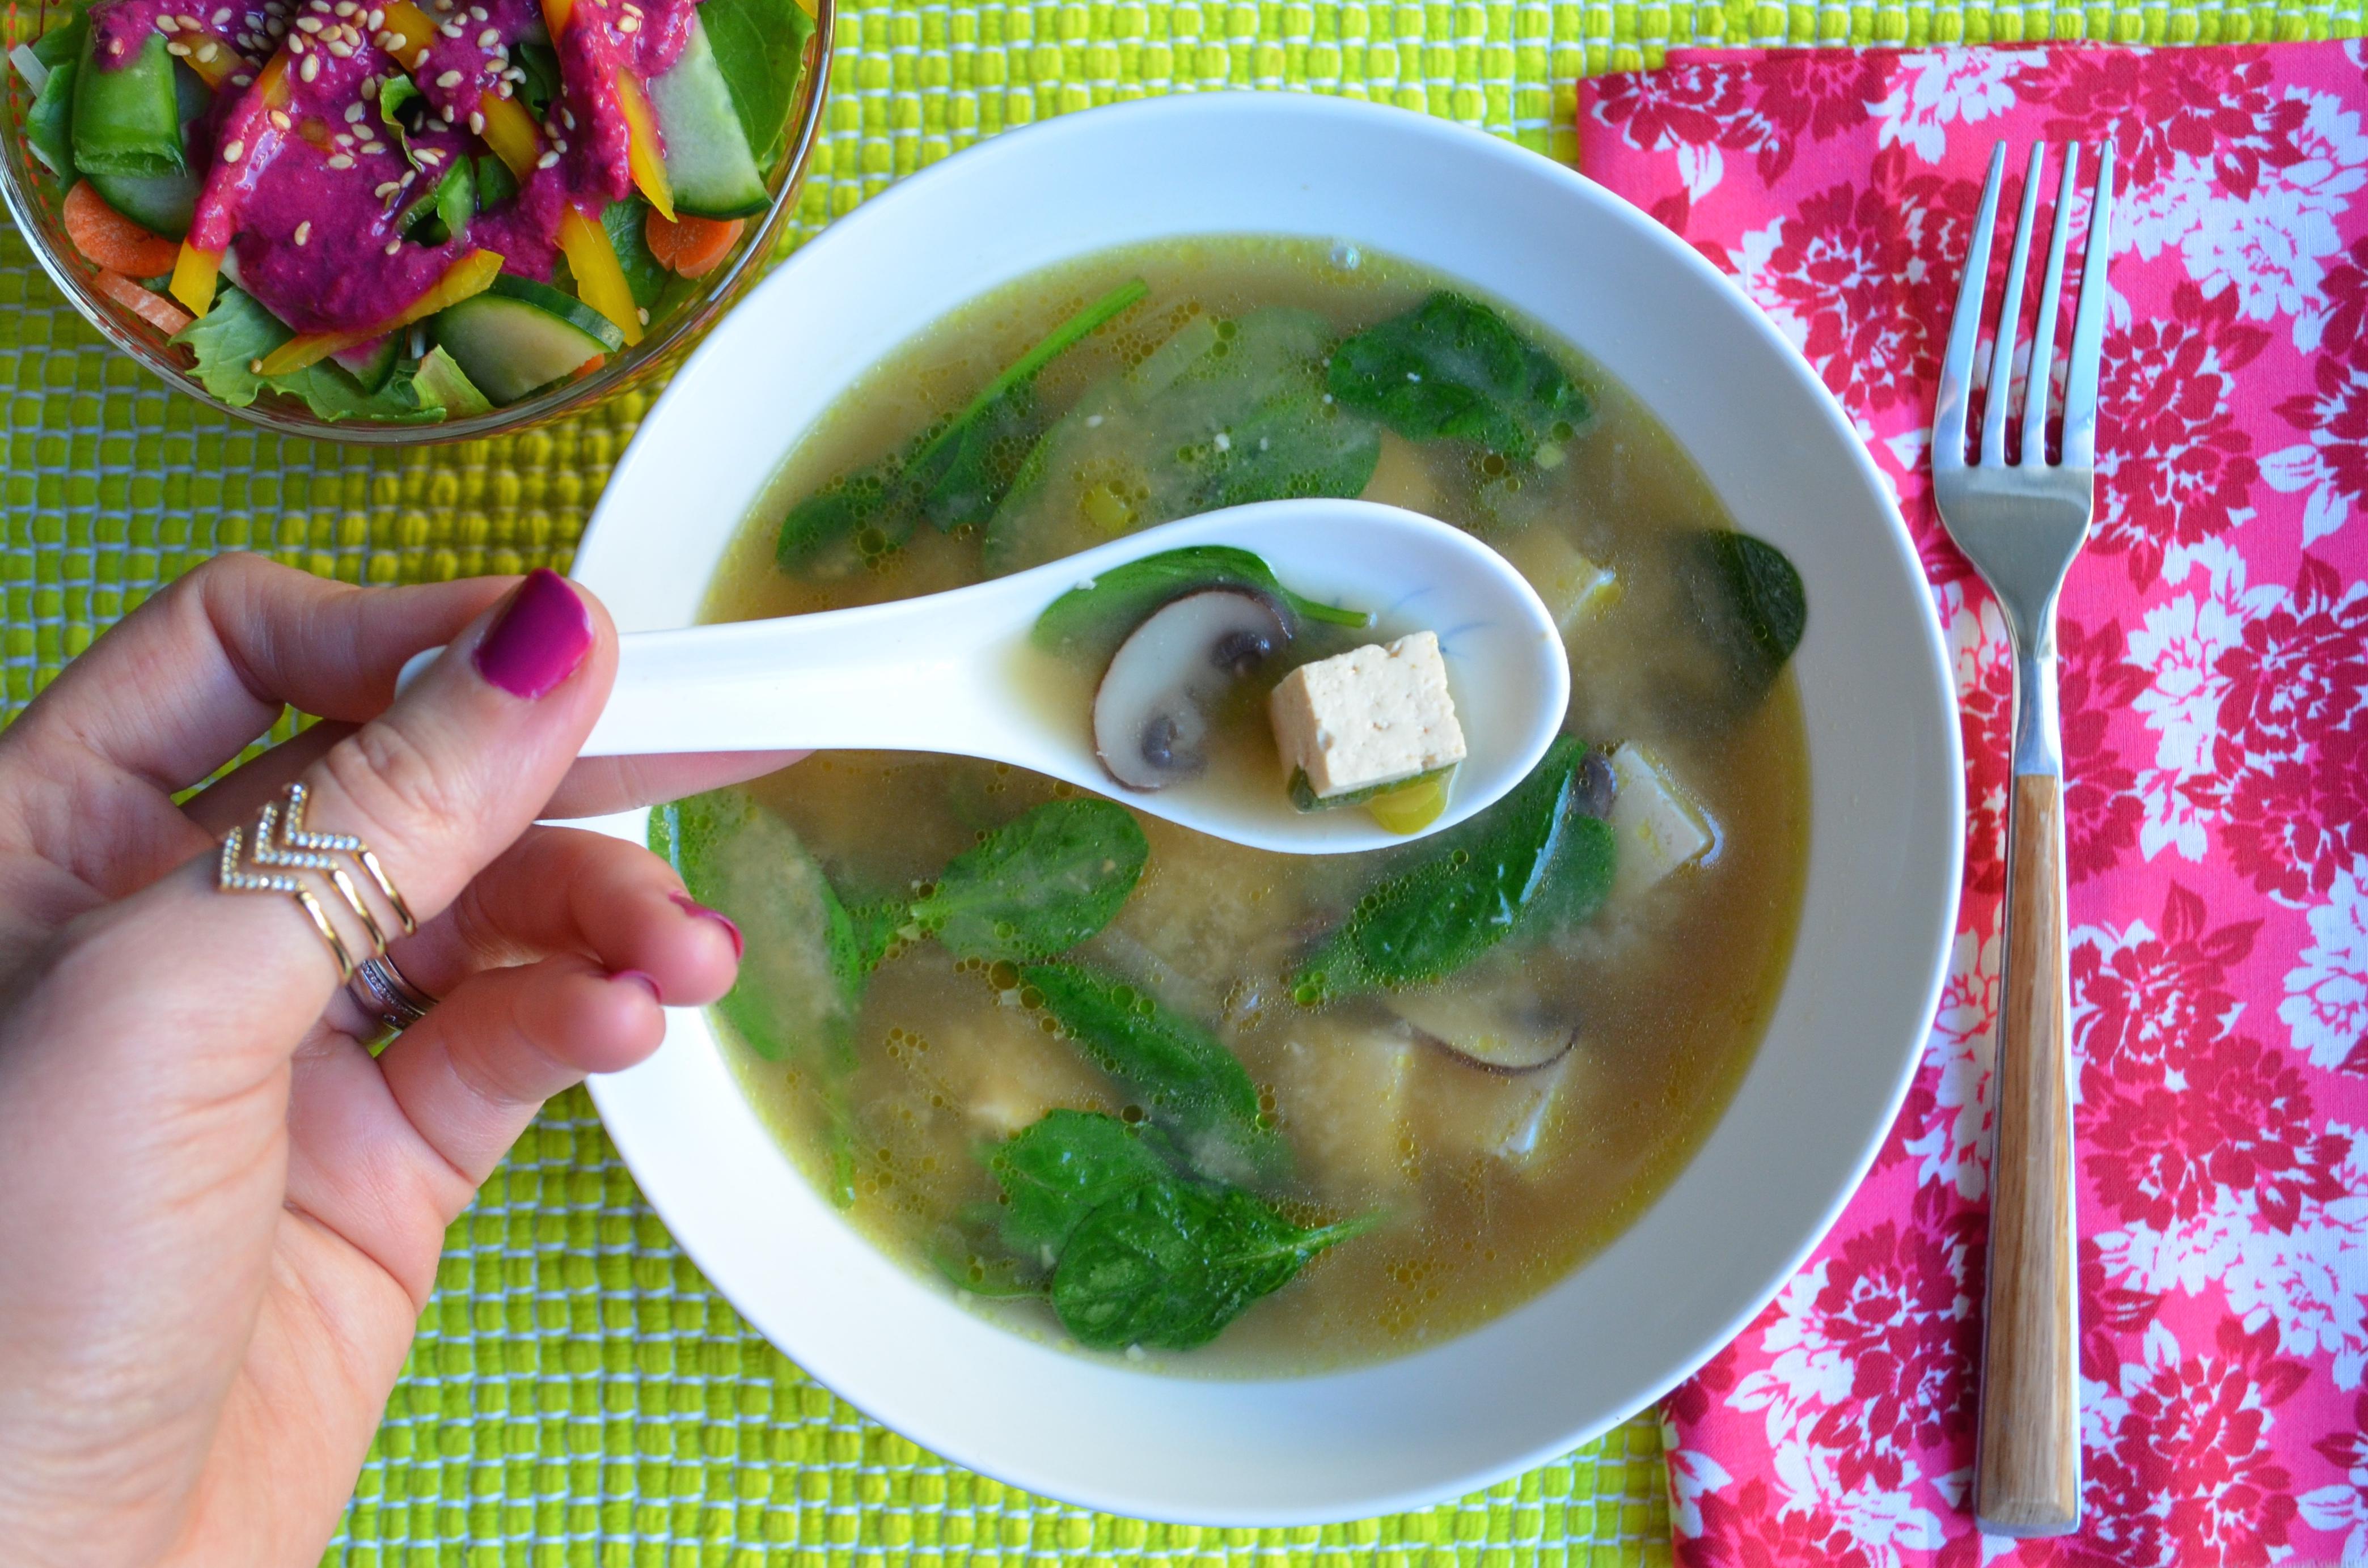 Vegan Miso soup recipe by MyMommaToldMe.com